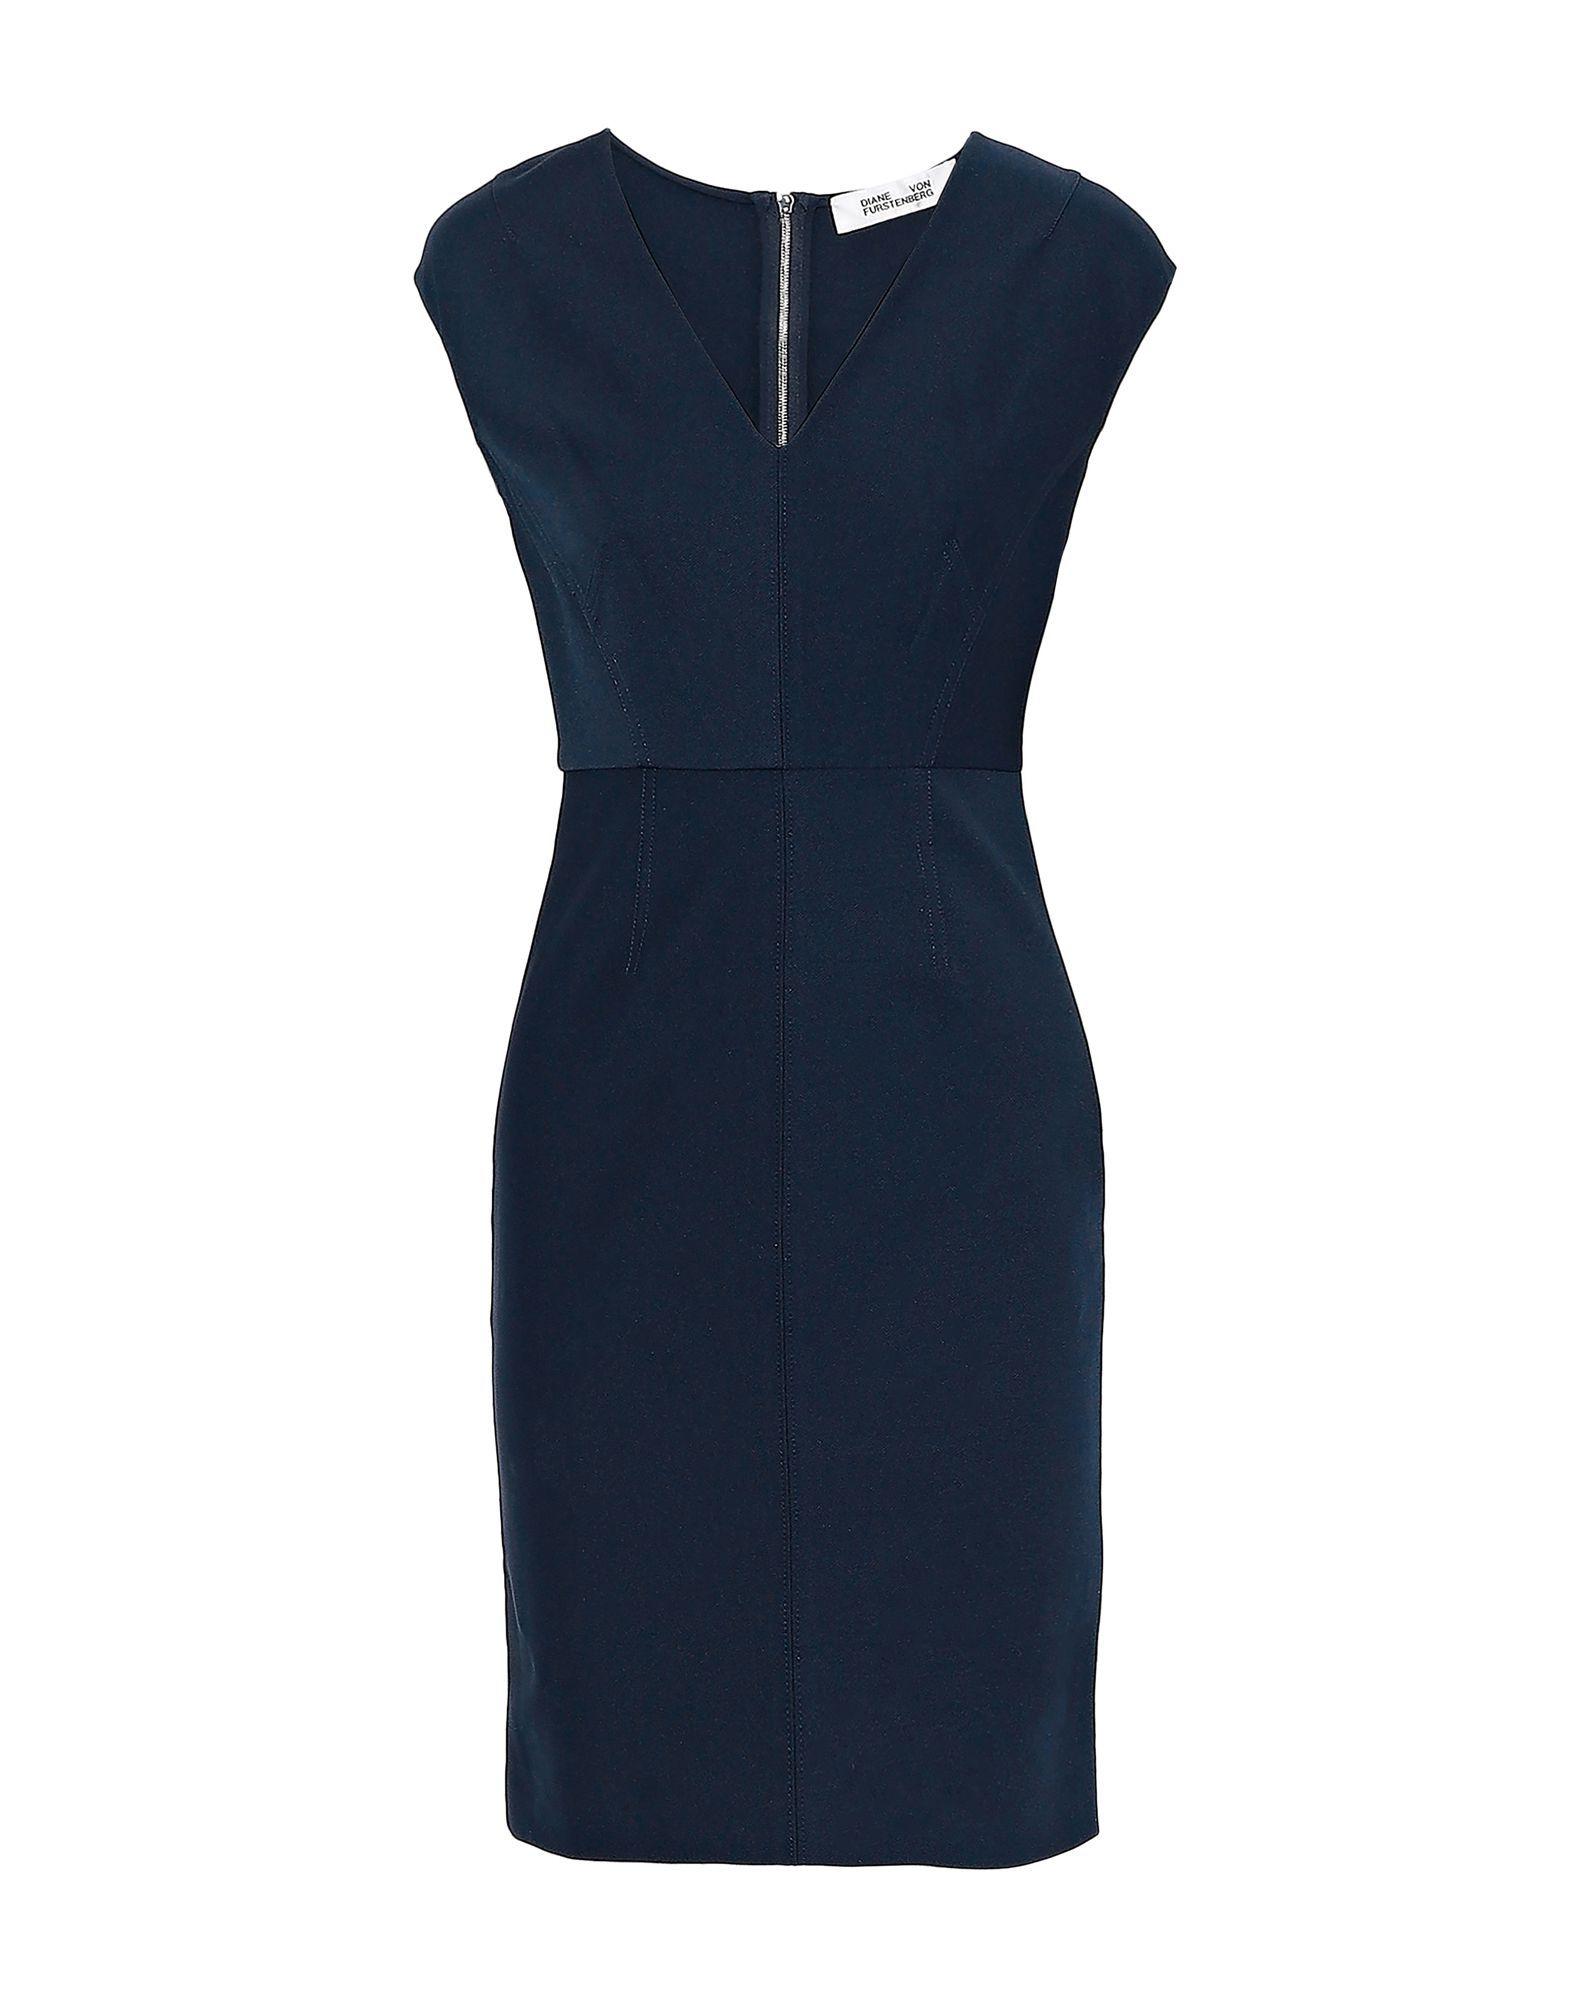 Diane Von Furstenberg Dark Blue Pencil Style Dress